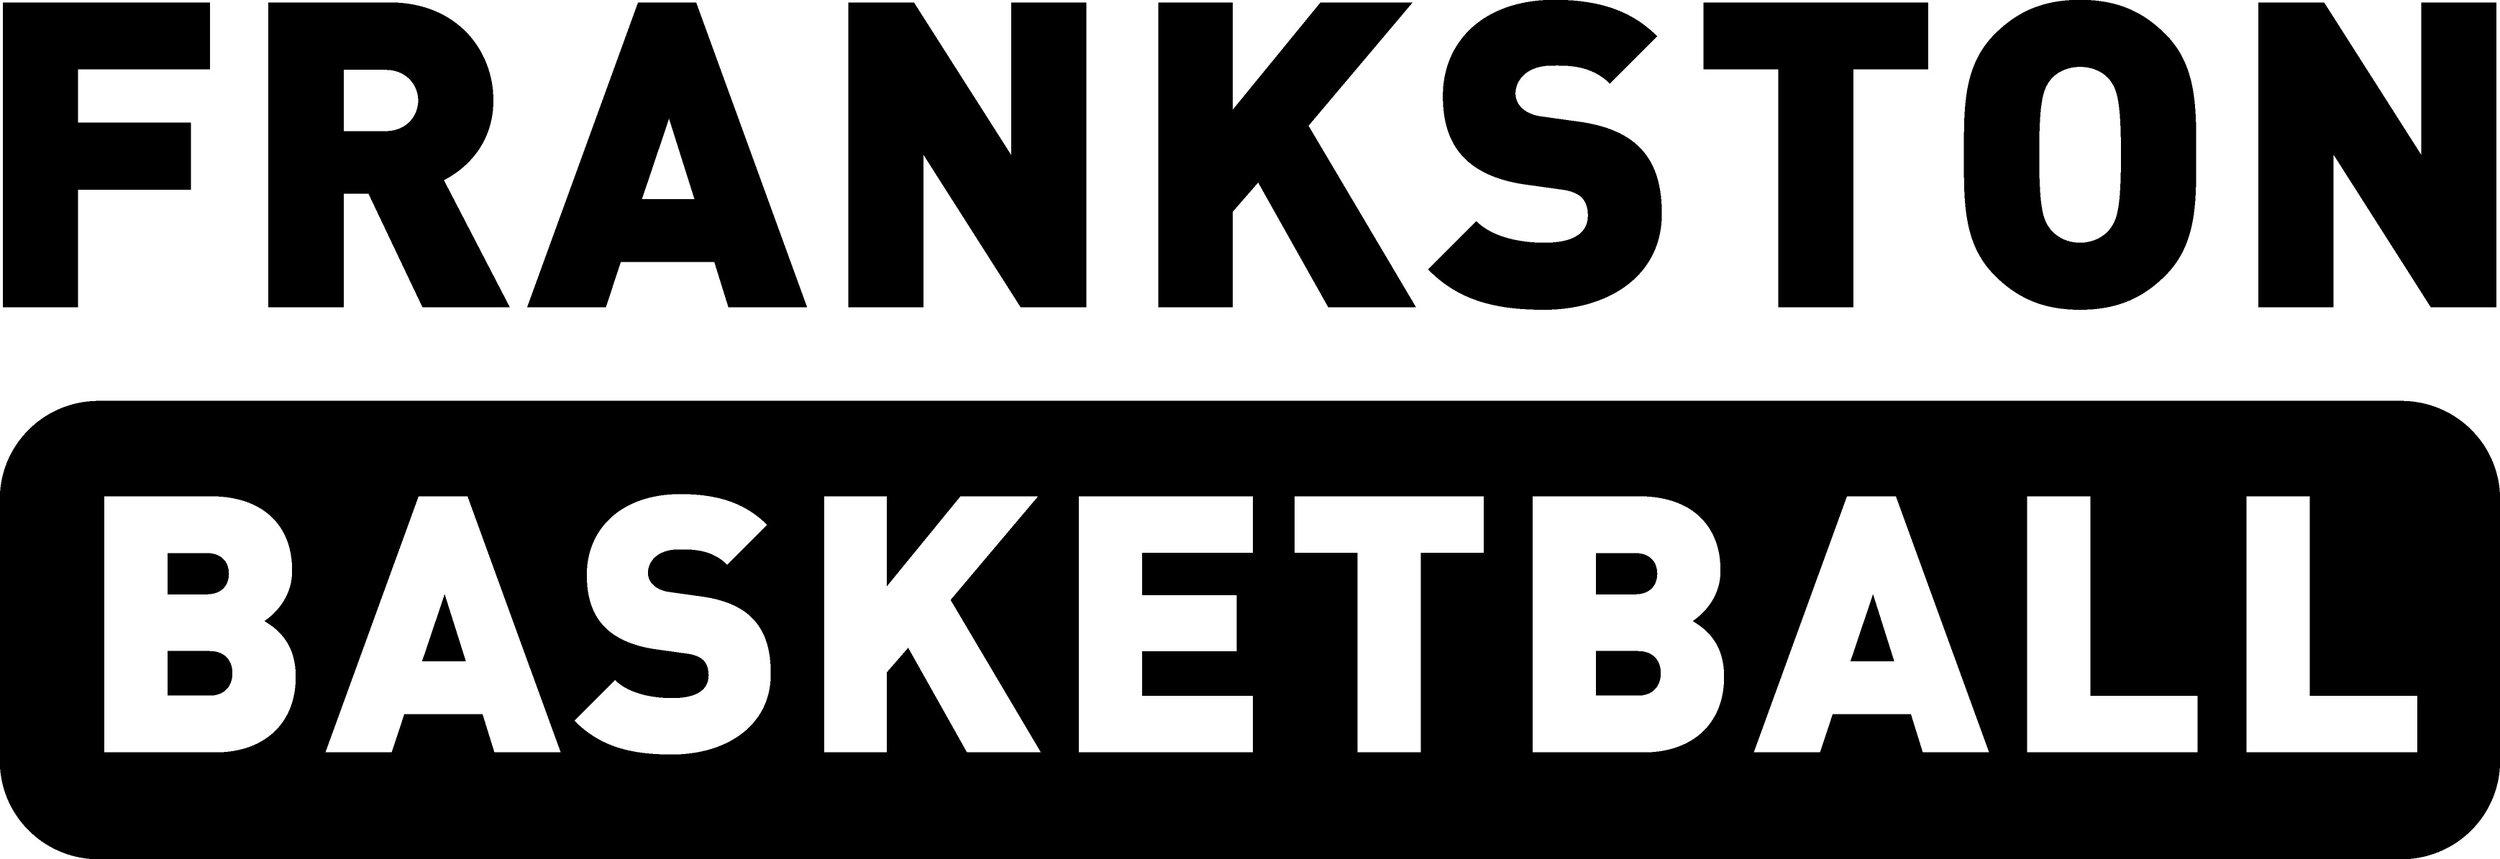 Frankston Basketball_mono.jpg